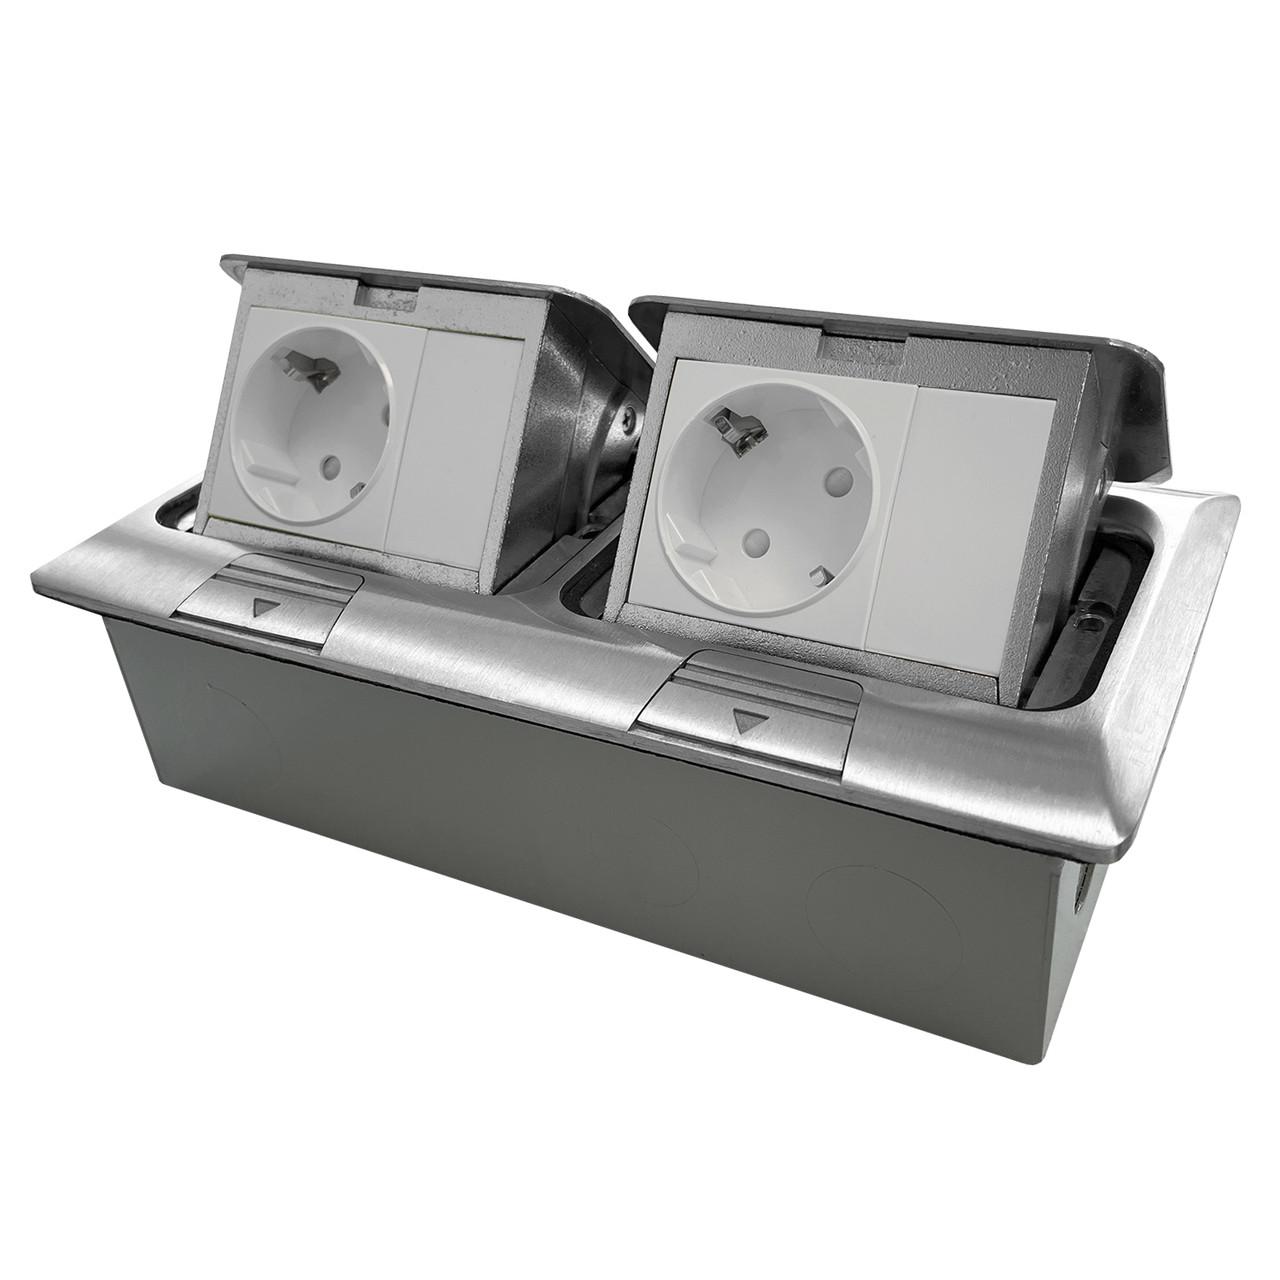 Shelbi Напольный/настольный лючок на 2х3 модуля, металл, серебро